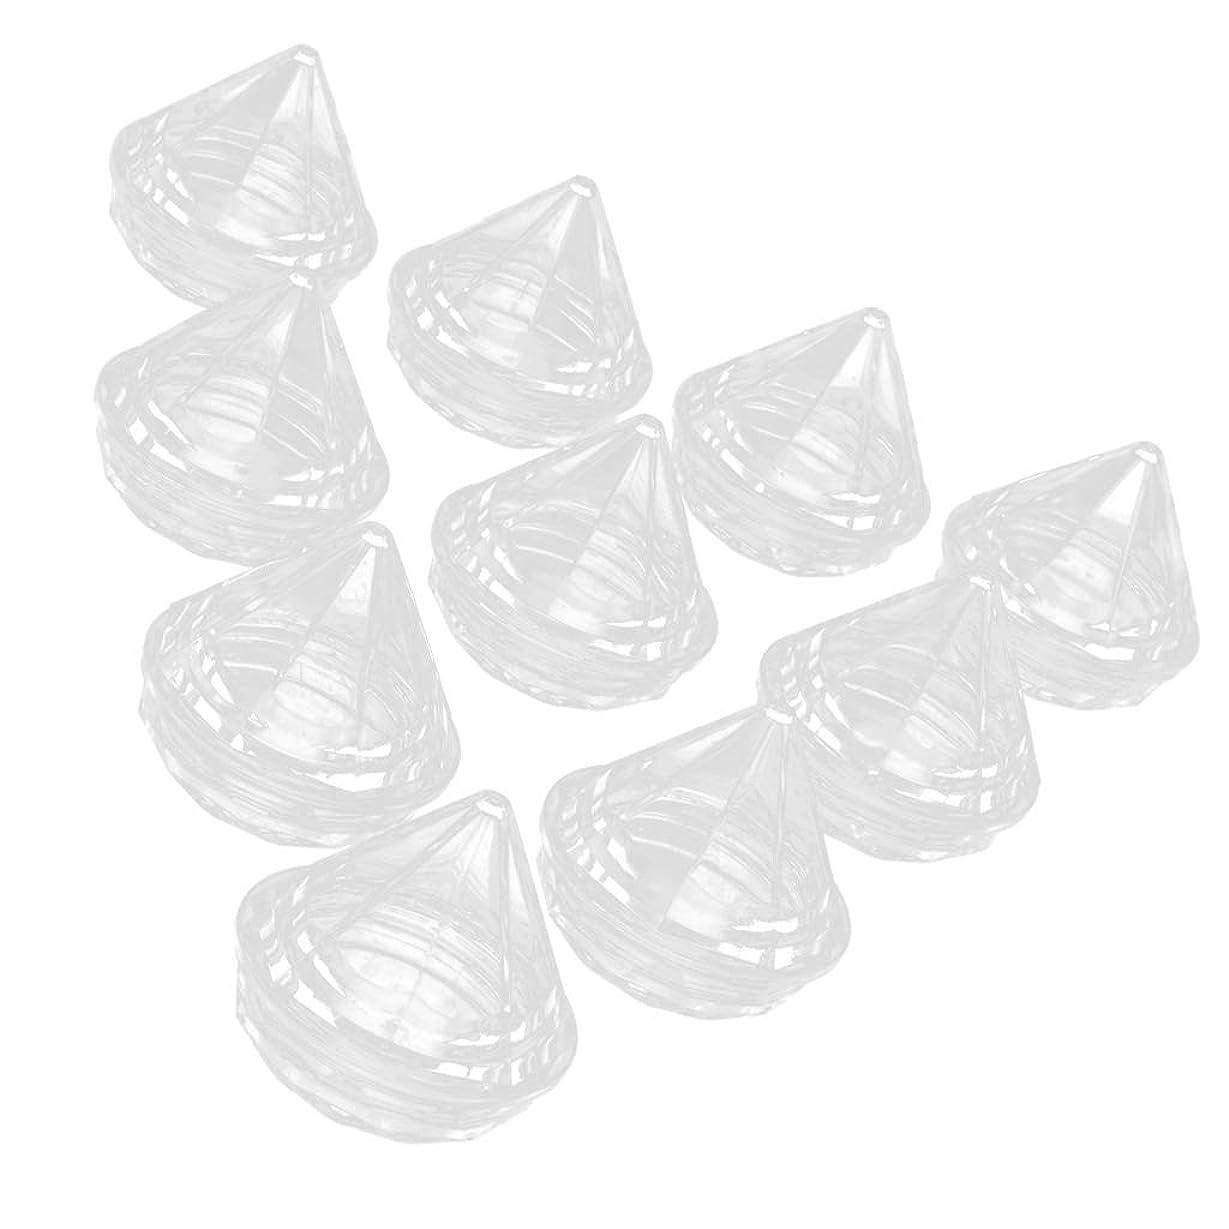 行政郵便局くさびCUTICATE 空ジャー クリームジャー リップクリーム コスメ容器 小分け用 旅行用品 約10個入り